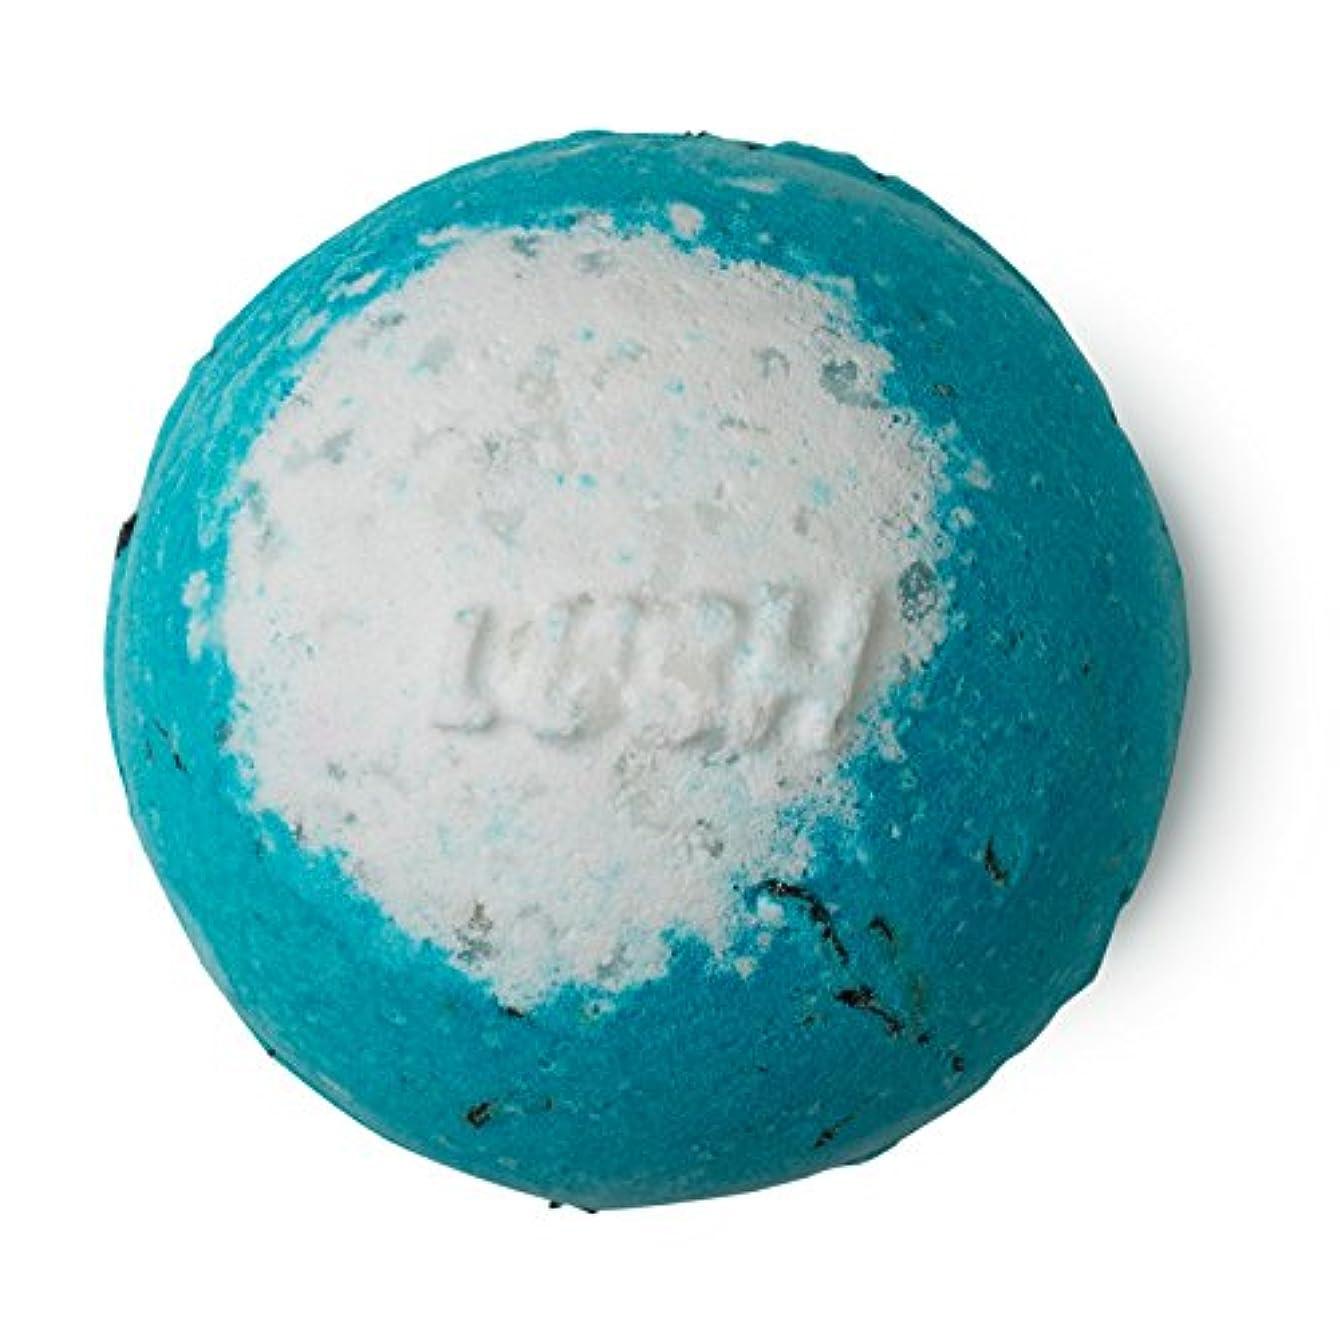 工業化するブレス抽選LUSH ラッシュ RUSHラッシュ 200g バスボム 浴用 シーソルト 入浴剤 ラベンダーオイル 入浴剤 ギフト